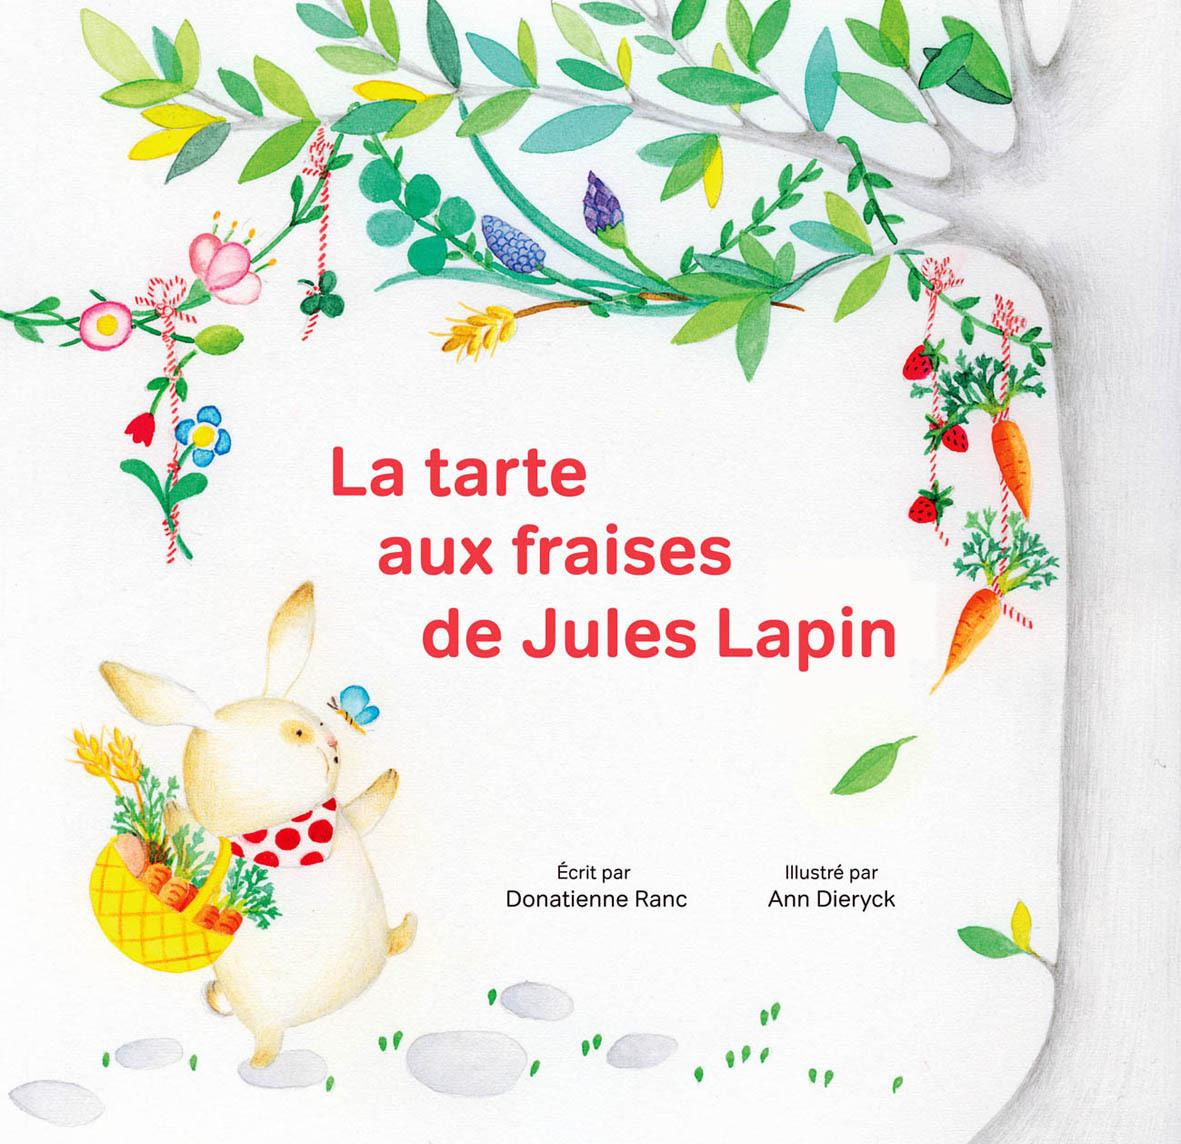 LA TARTE AUX FRAISES DE JULES LAPIN